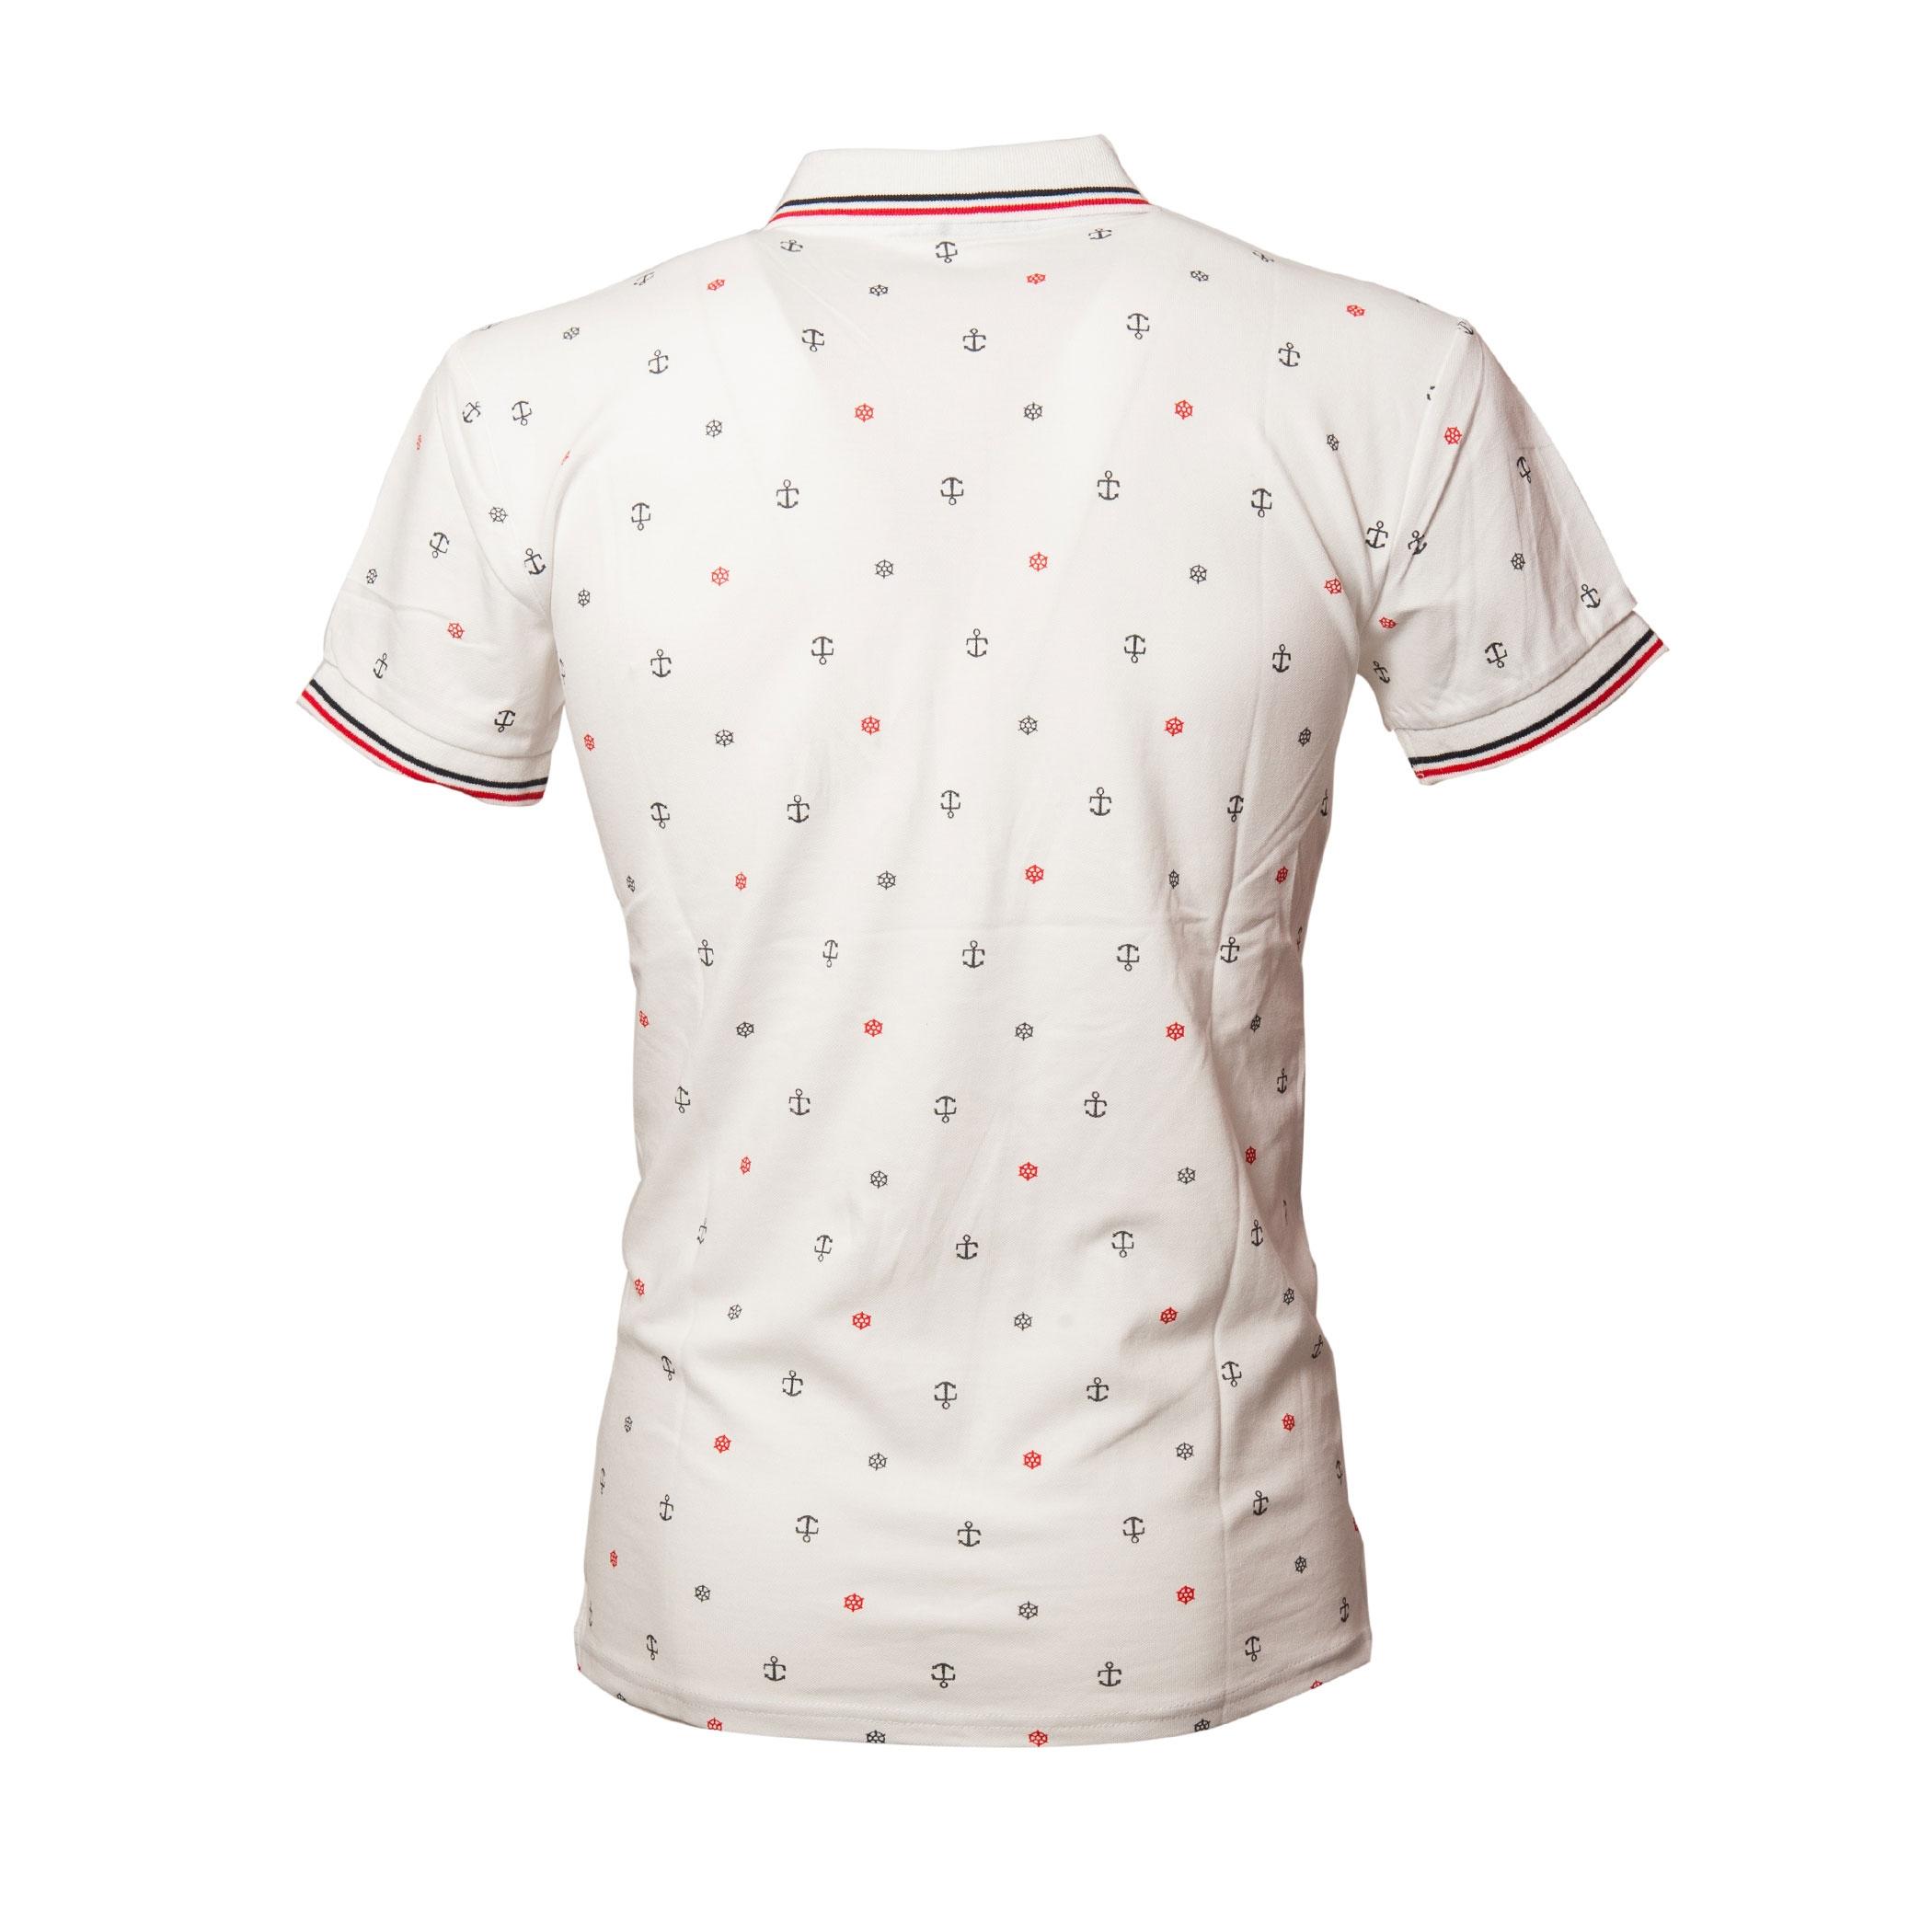 Polo-Uomo-Manica-Corta-Cotone-Casual-Maglietta-Slim-Fit-Maglia-Sportiva-T-shirt miniatura 17